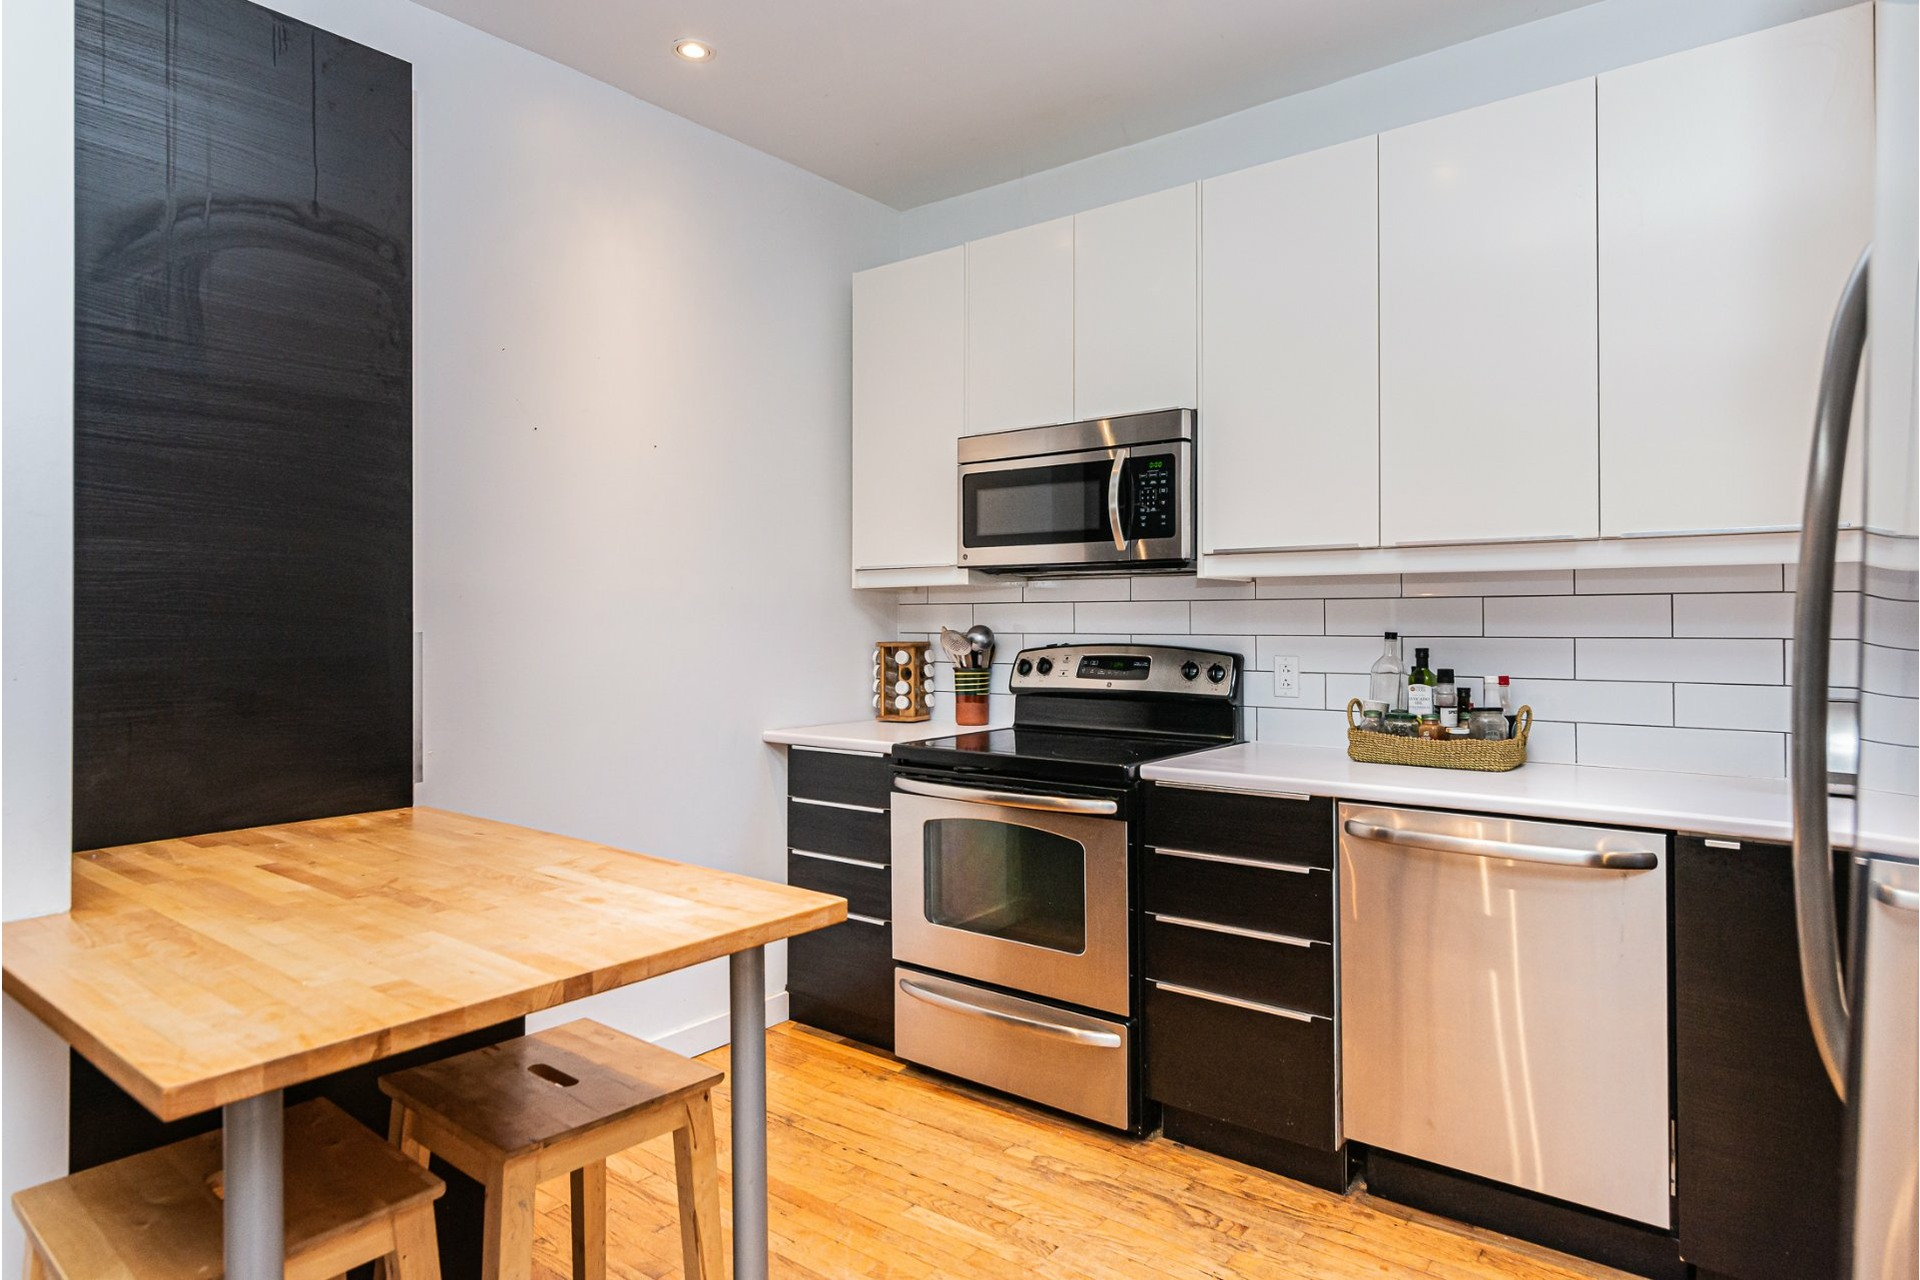 image 9 - Appartement À louer Côte-des-Neiges/Notre-Dame-de-Grâce Montréal  - 10 pièces